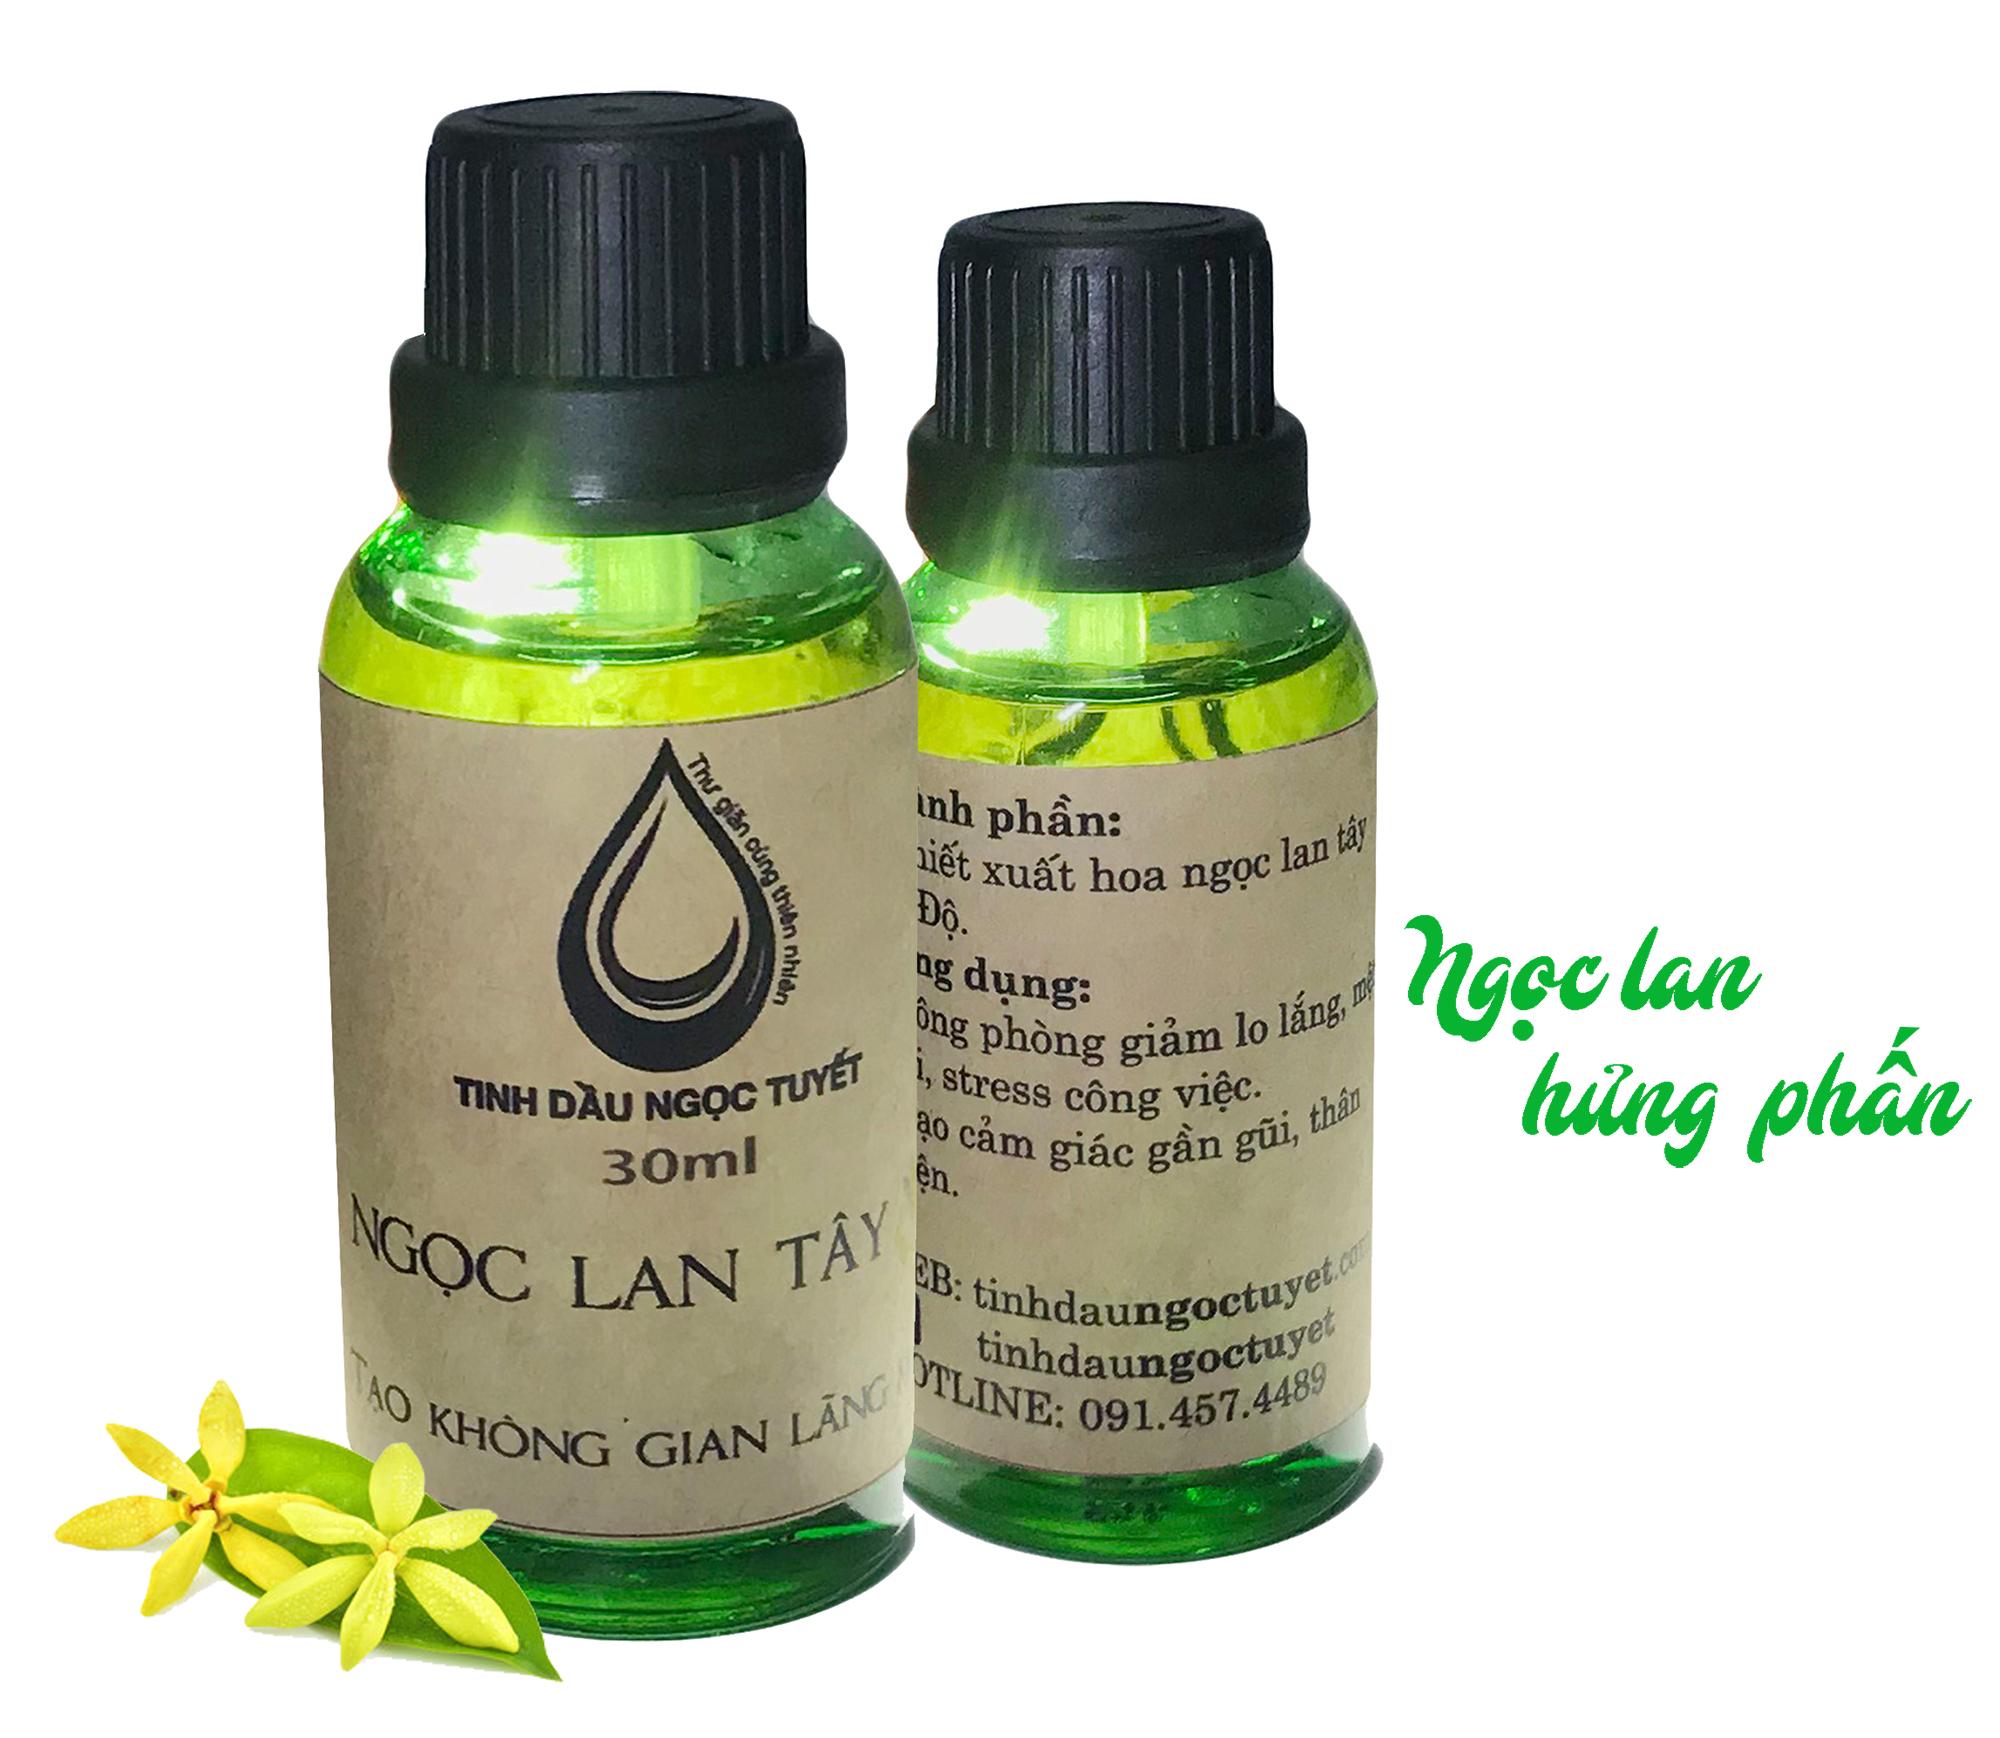 Combo 2 tinh dầu hoa ngọc lan tây thiên nhiên giúp hưng phấn giảm stress Ngọc Tuyết 50mlx2 (ylang ylang)